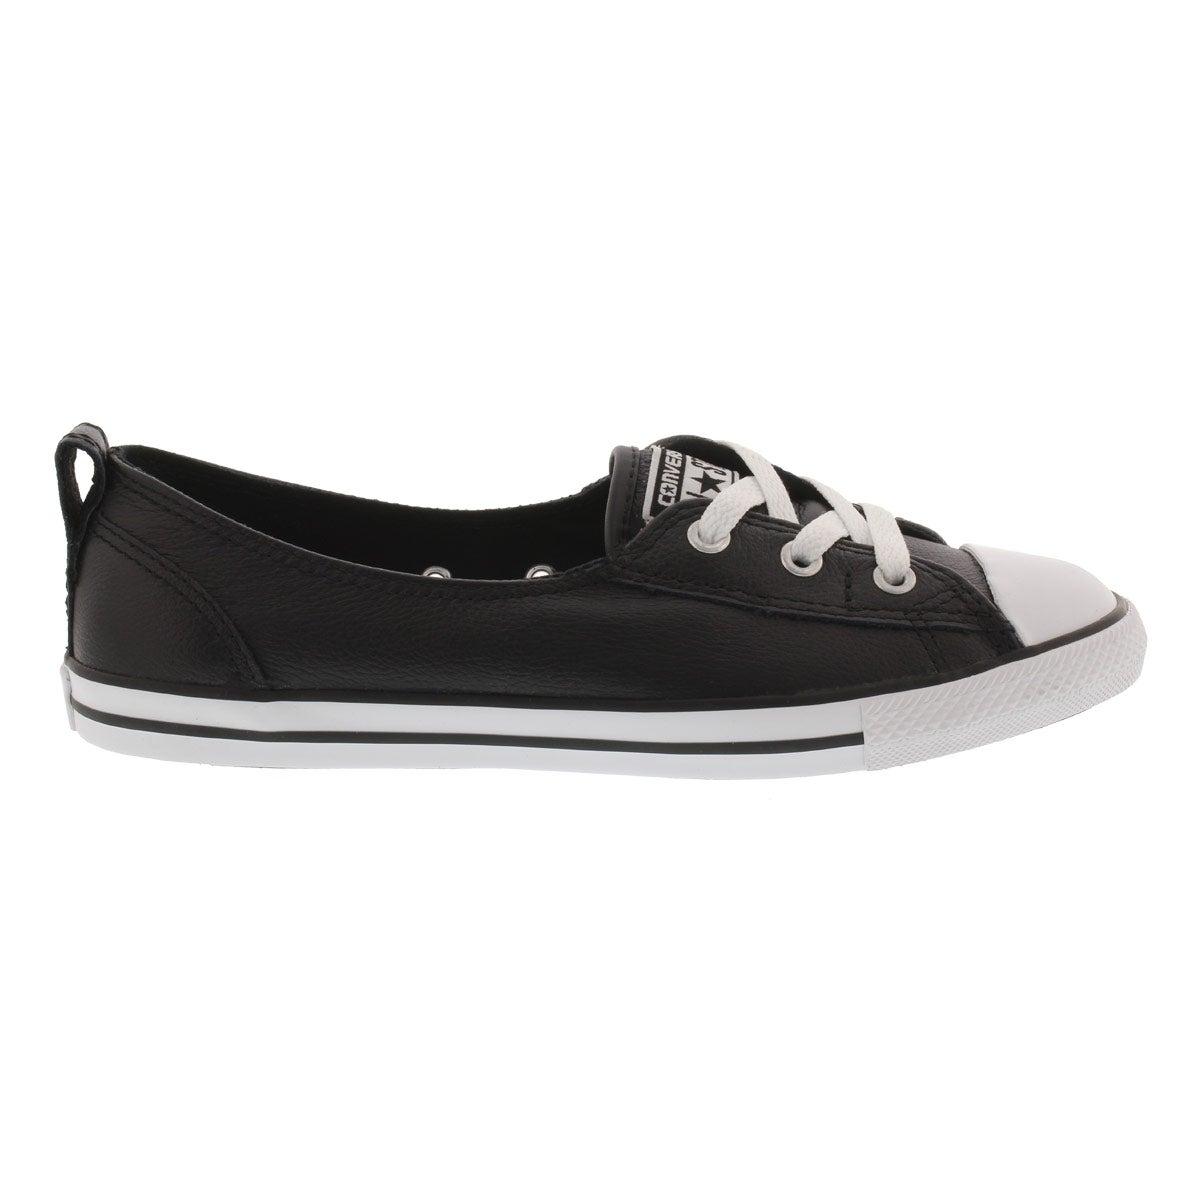 Lds CT A/S Ballet Lace black lthr sneakr